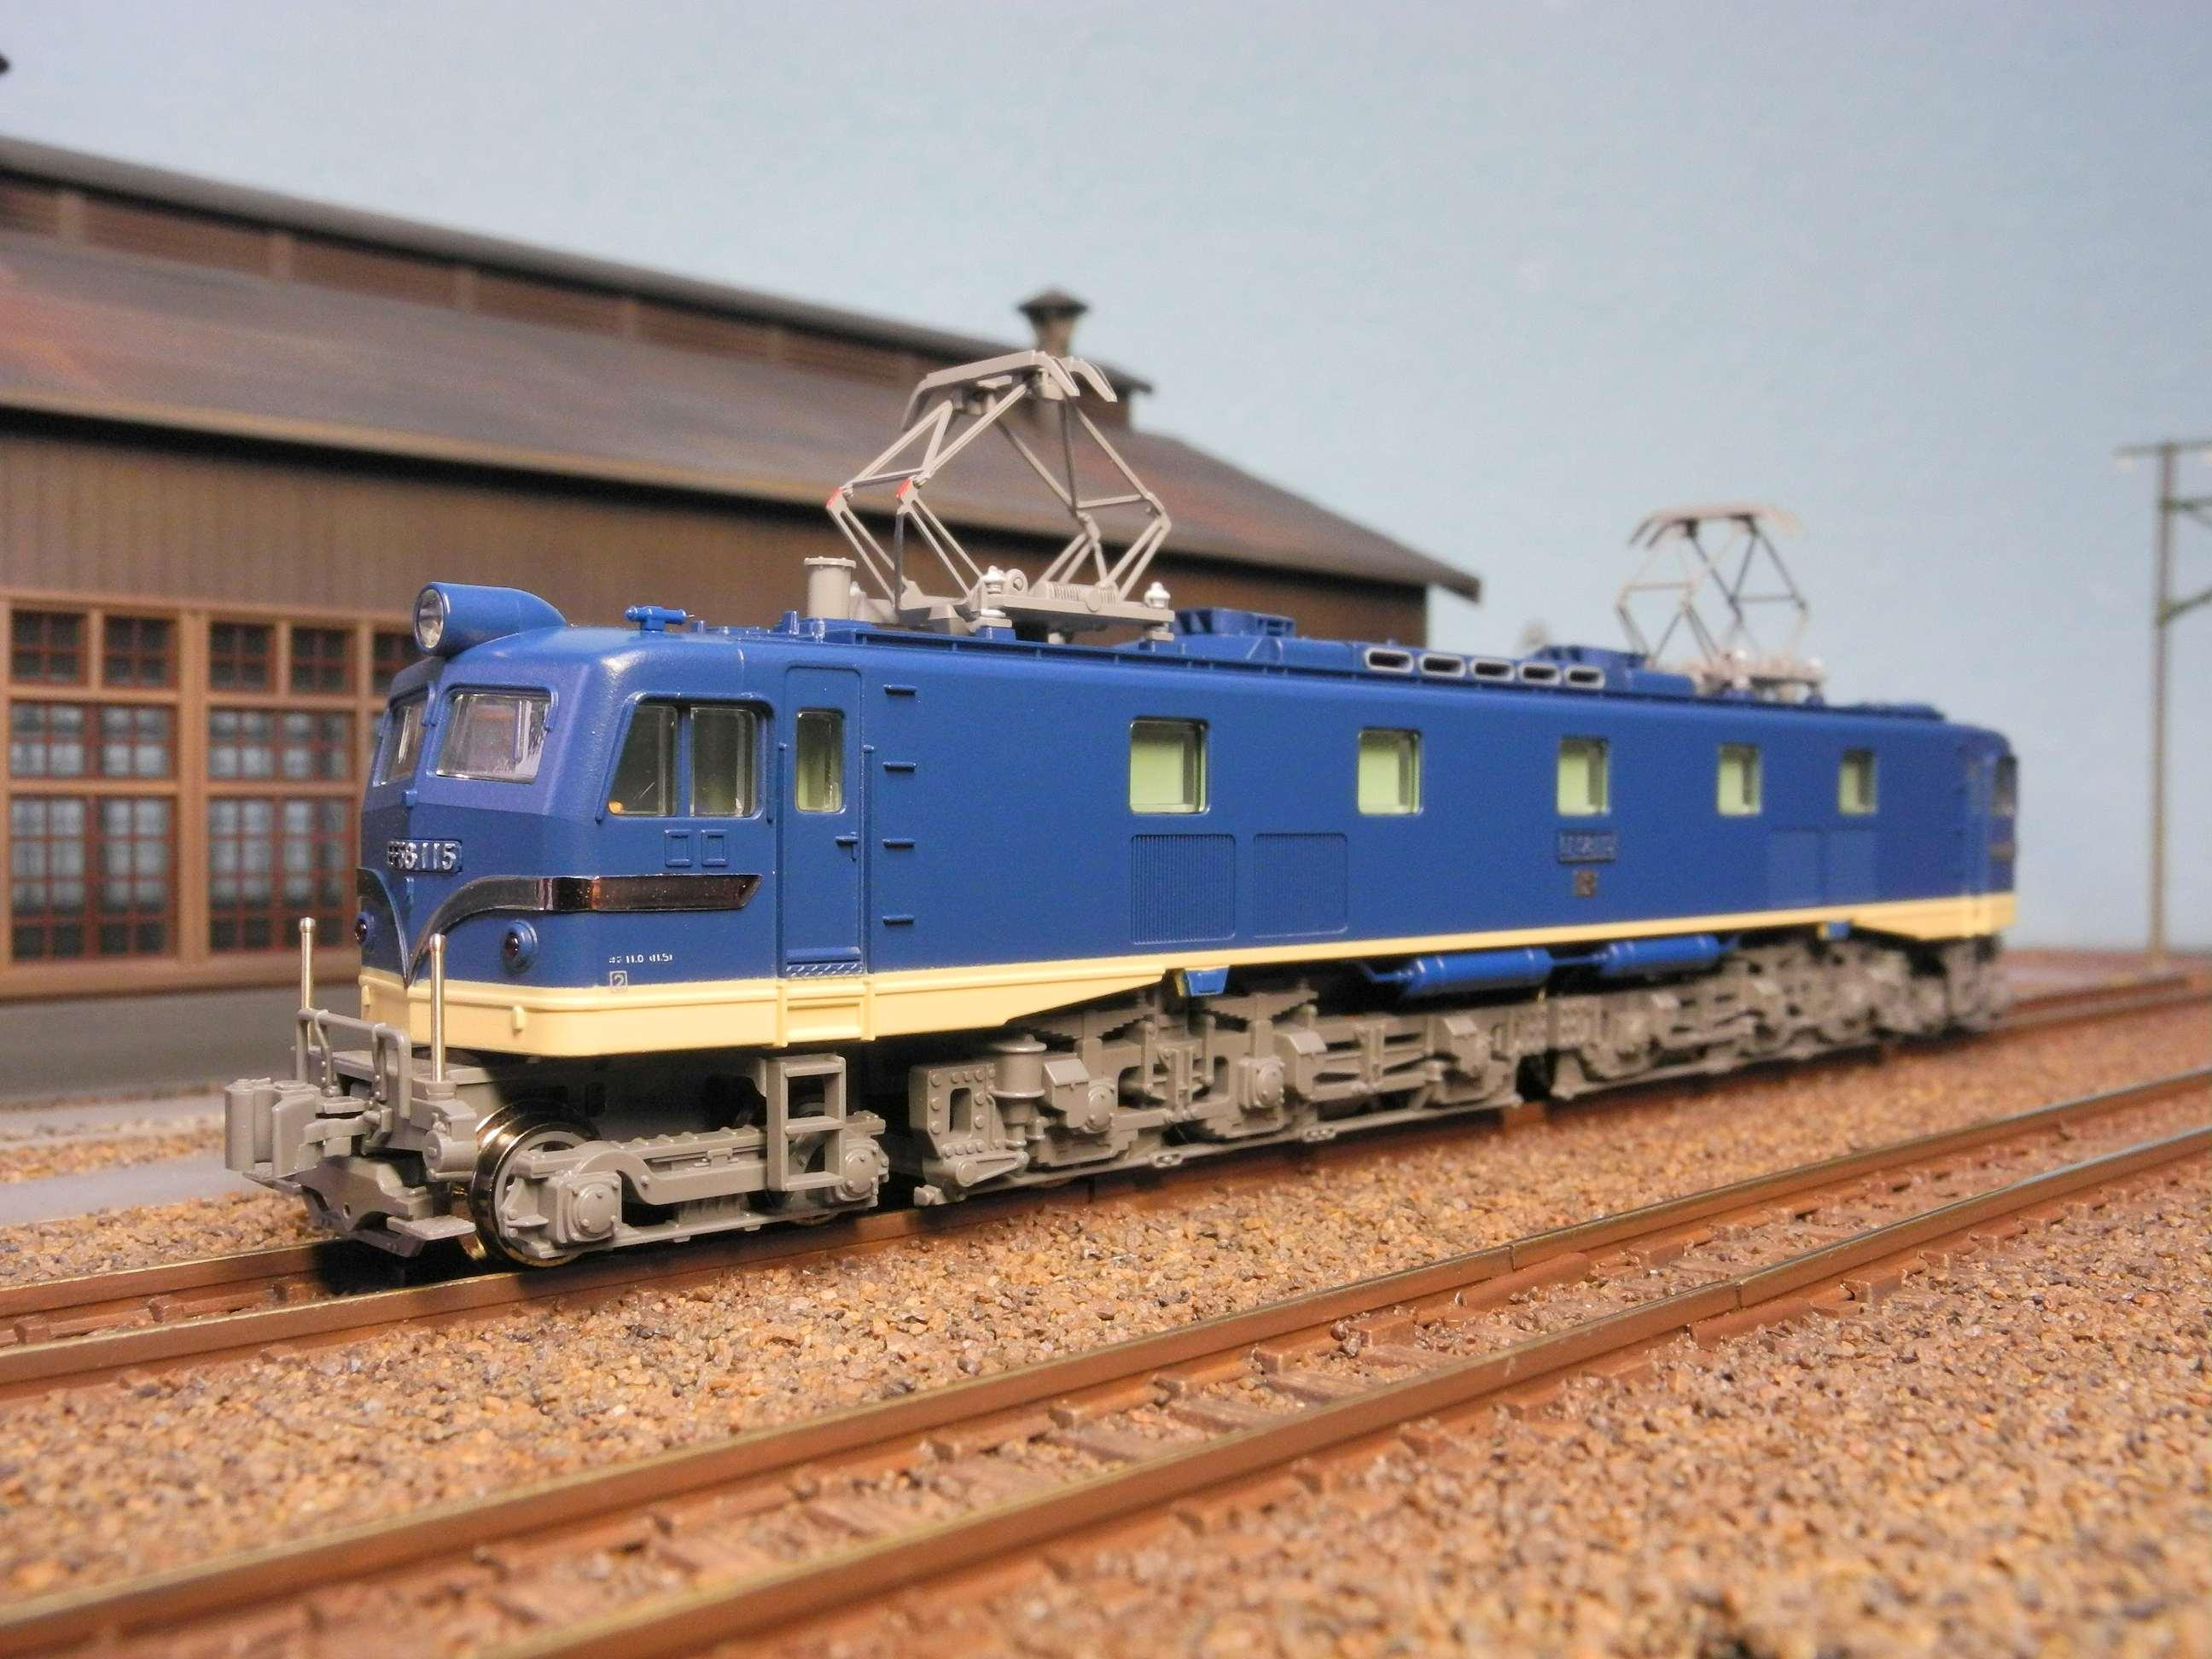 DSCN7828-1.jpg